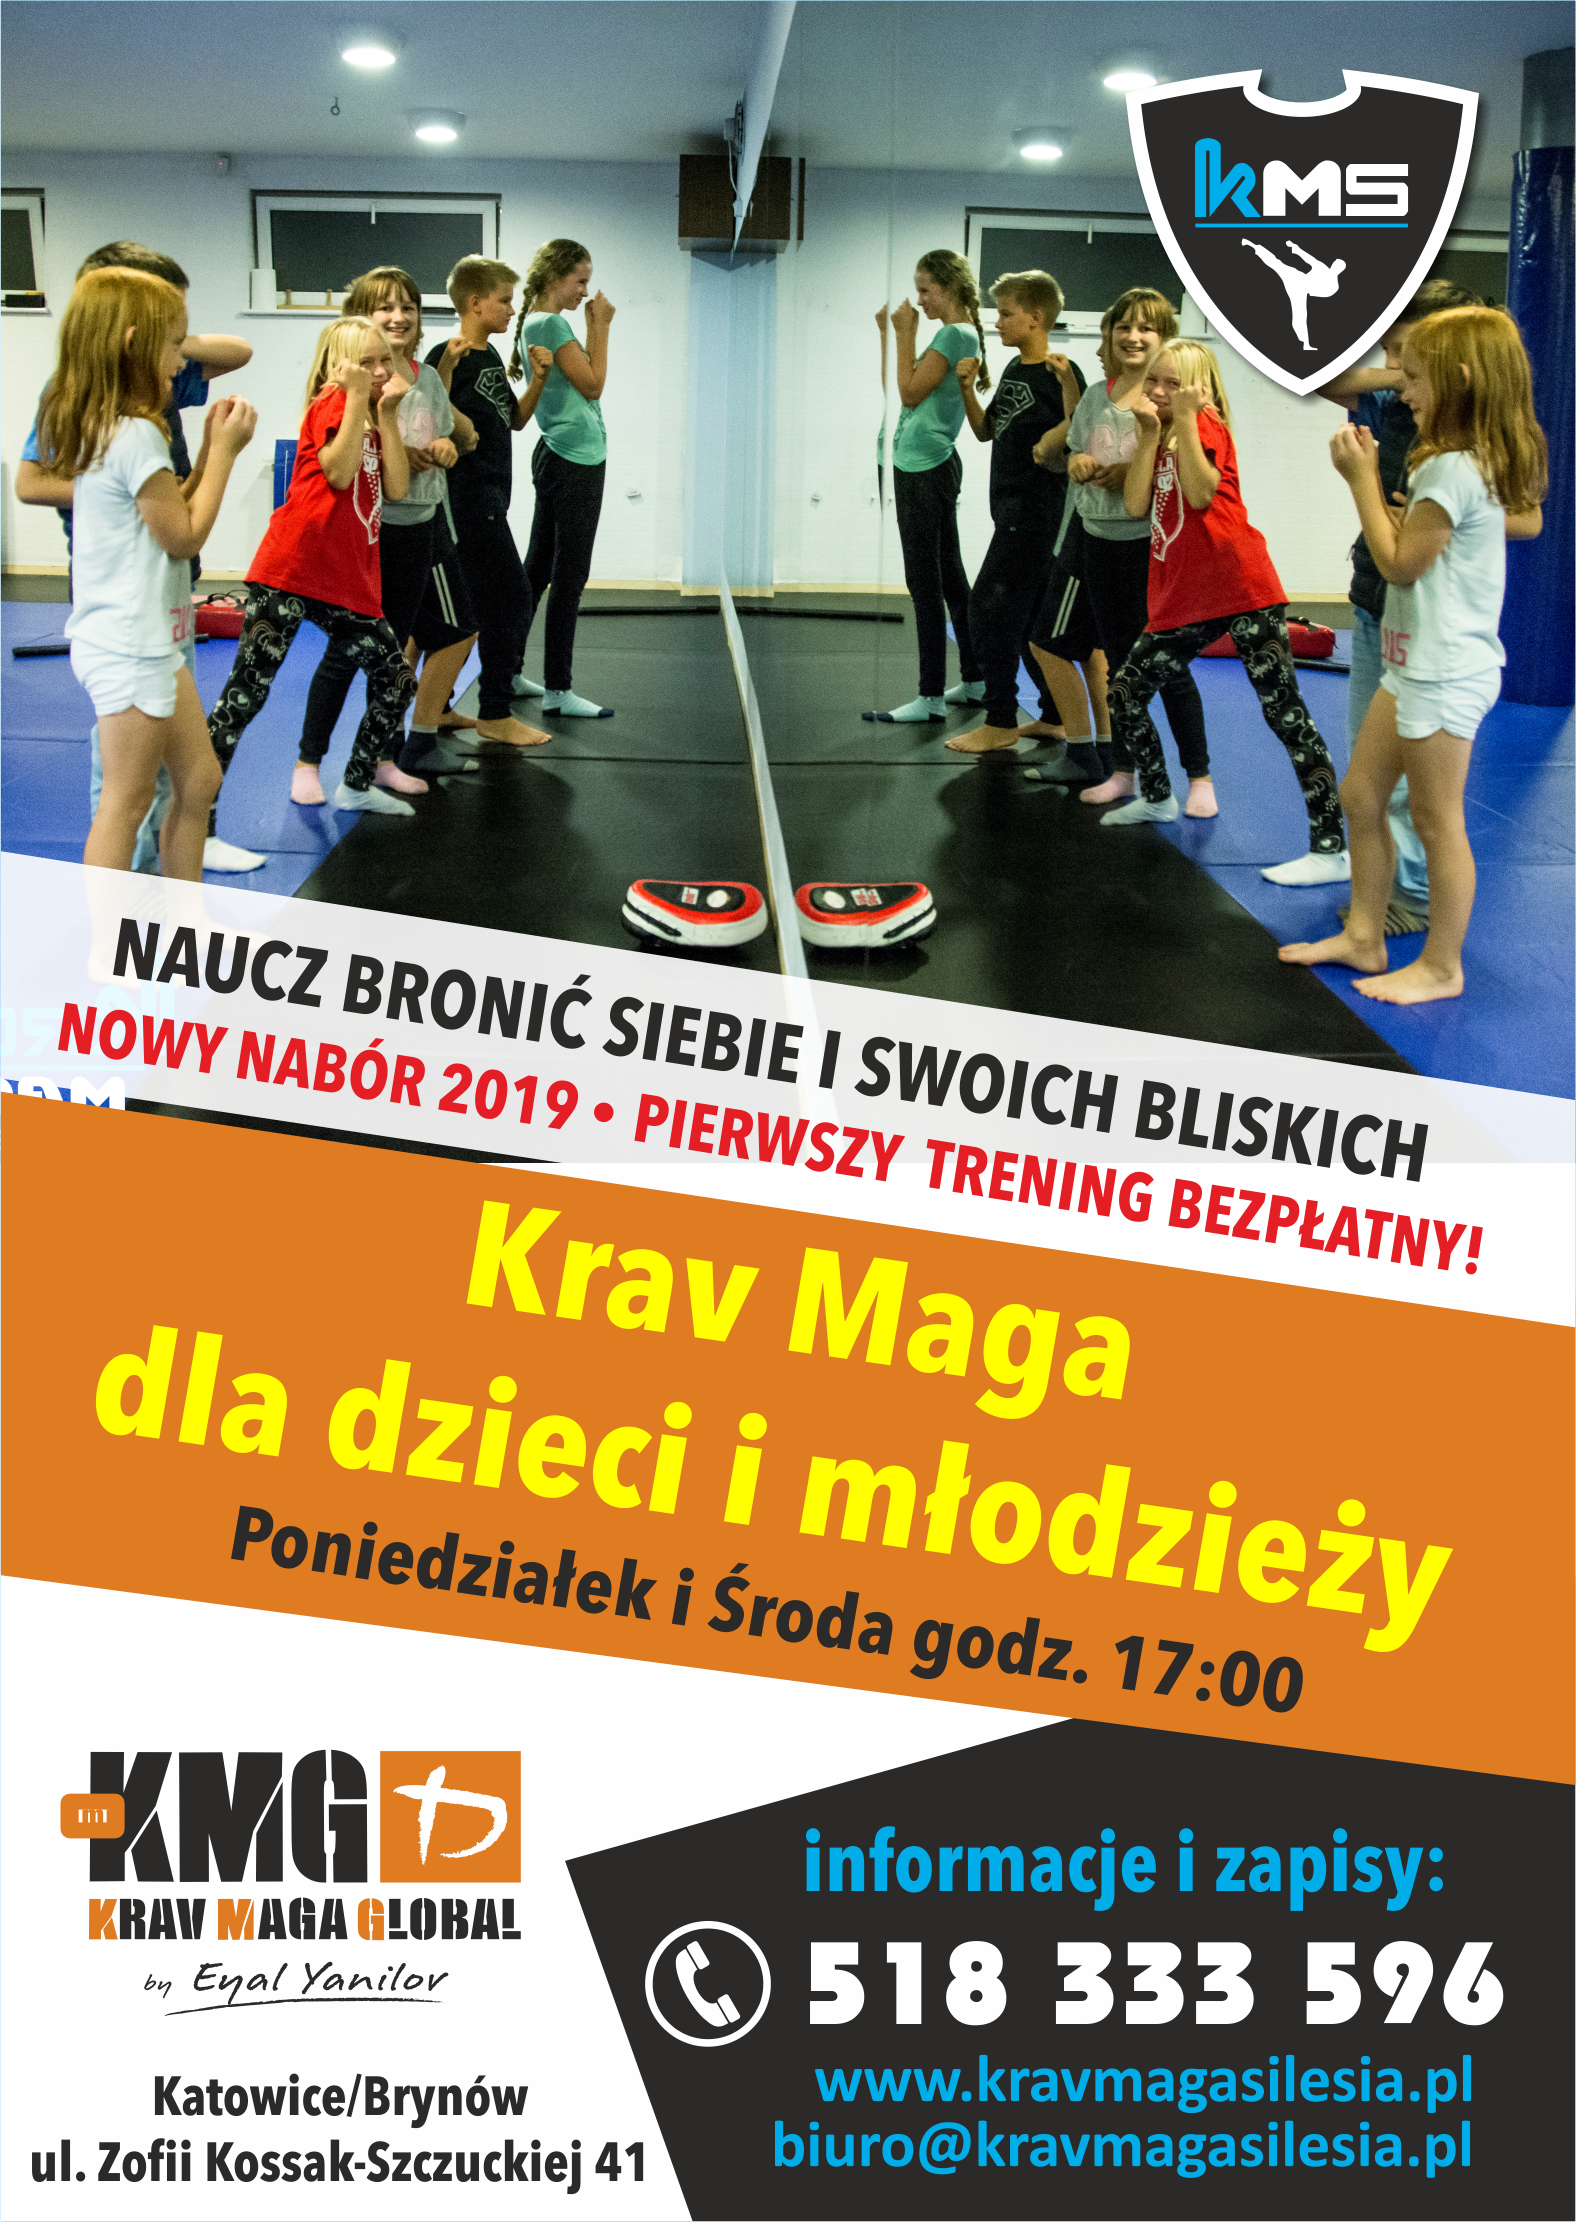 Nabór do grupy Krav Maga dla dzieci i młodzieży